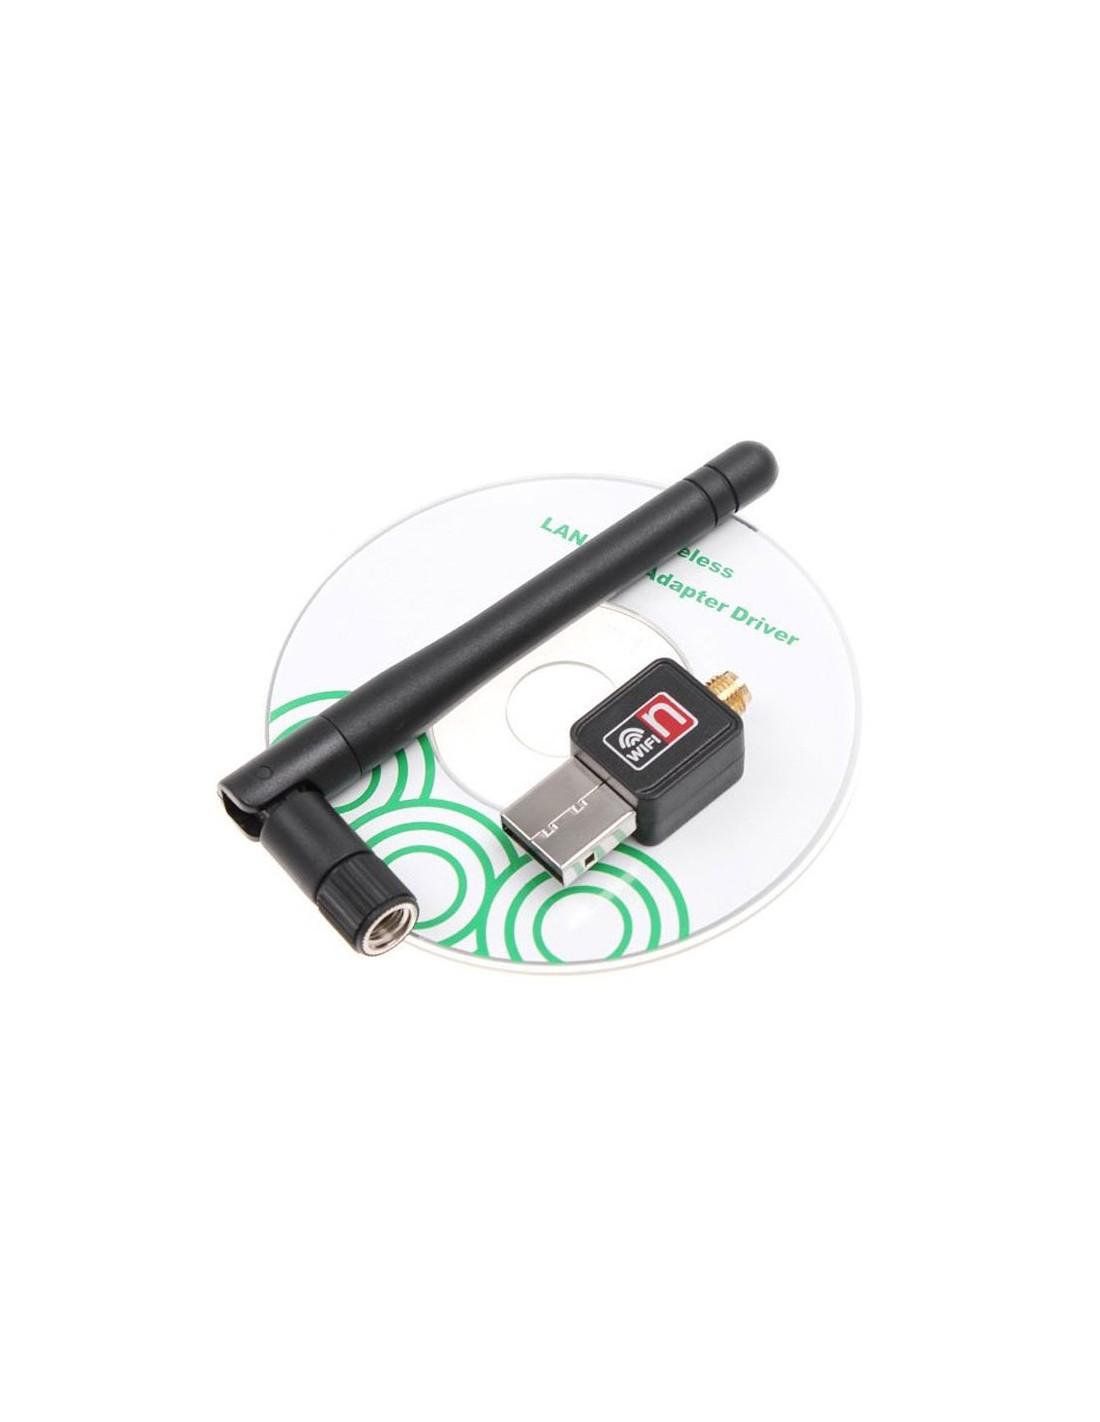 Usb Wifi Dongle With Antenna Pcduino Raspberry Pi